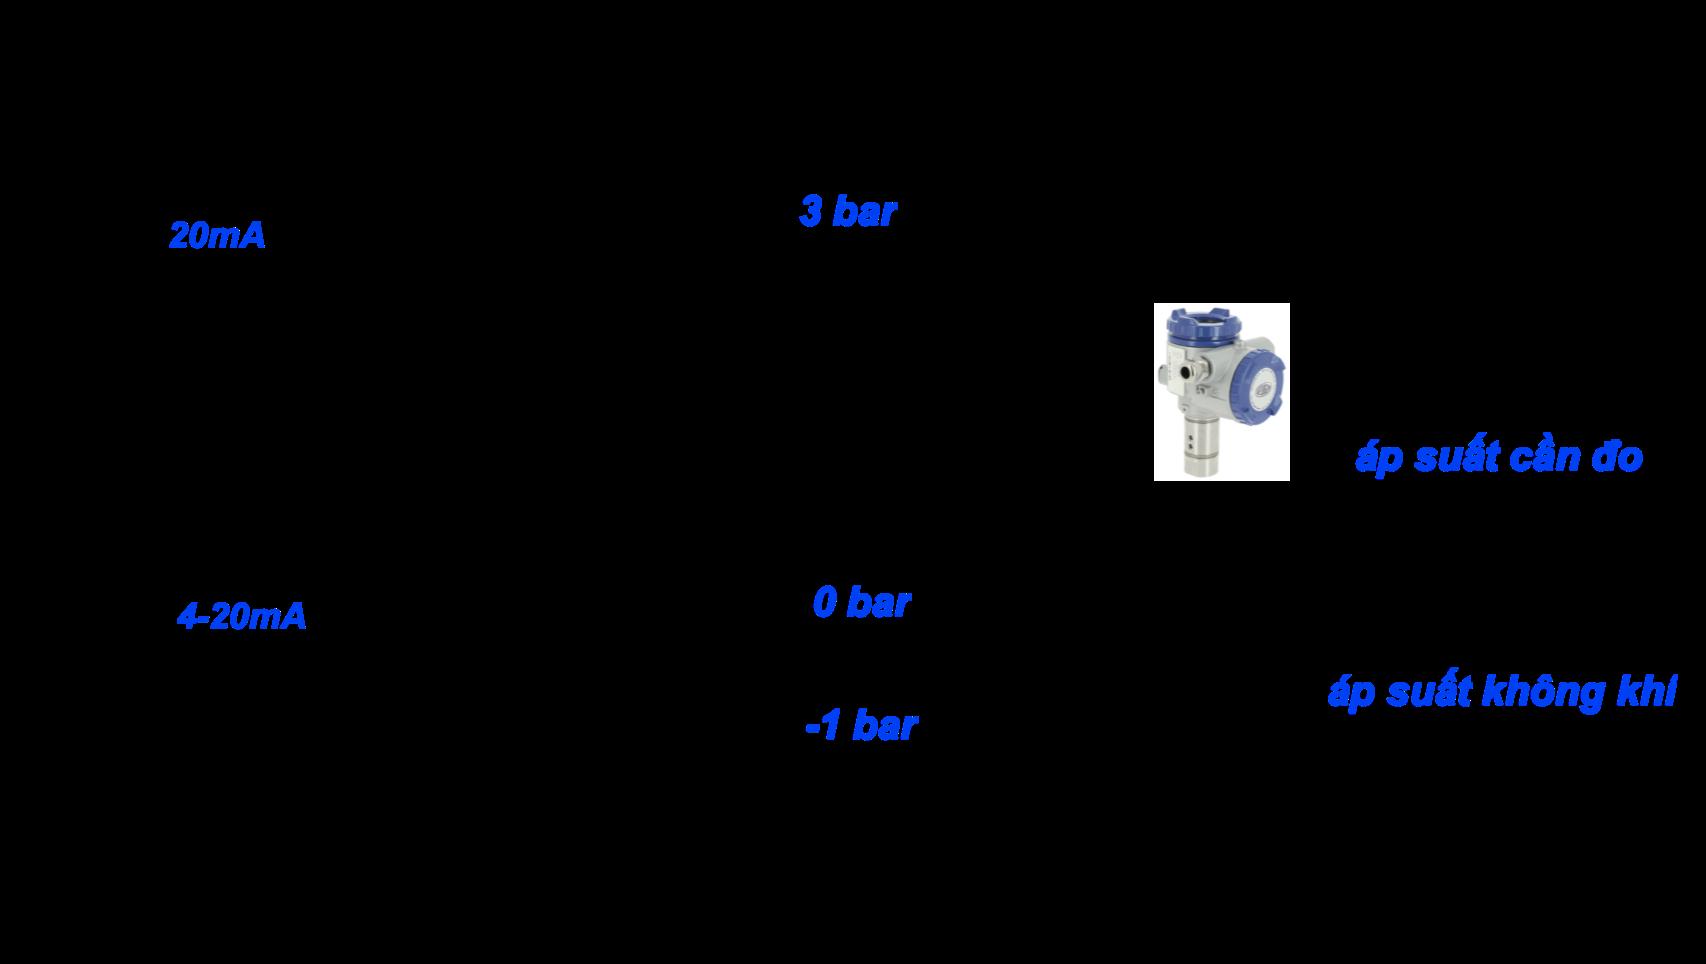 cảm biến áp suất tương đối được dùng nhiều nhất trong thực tế